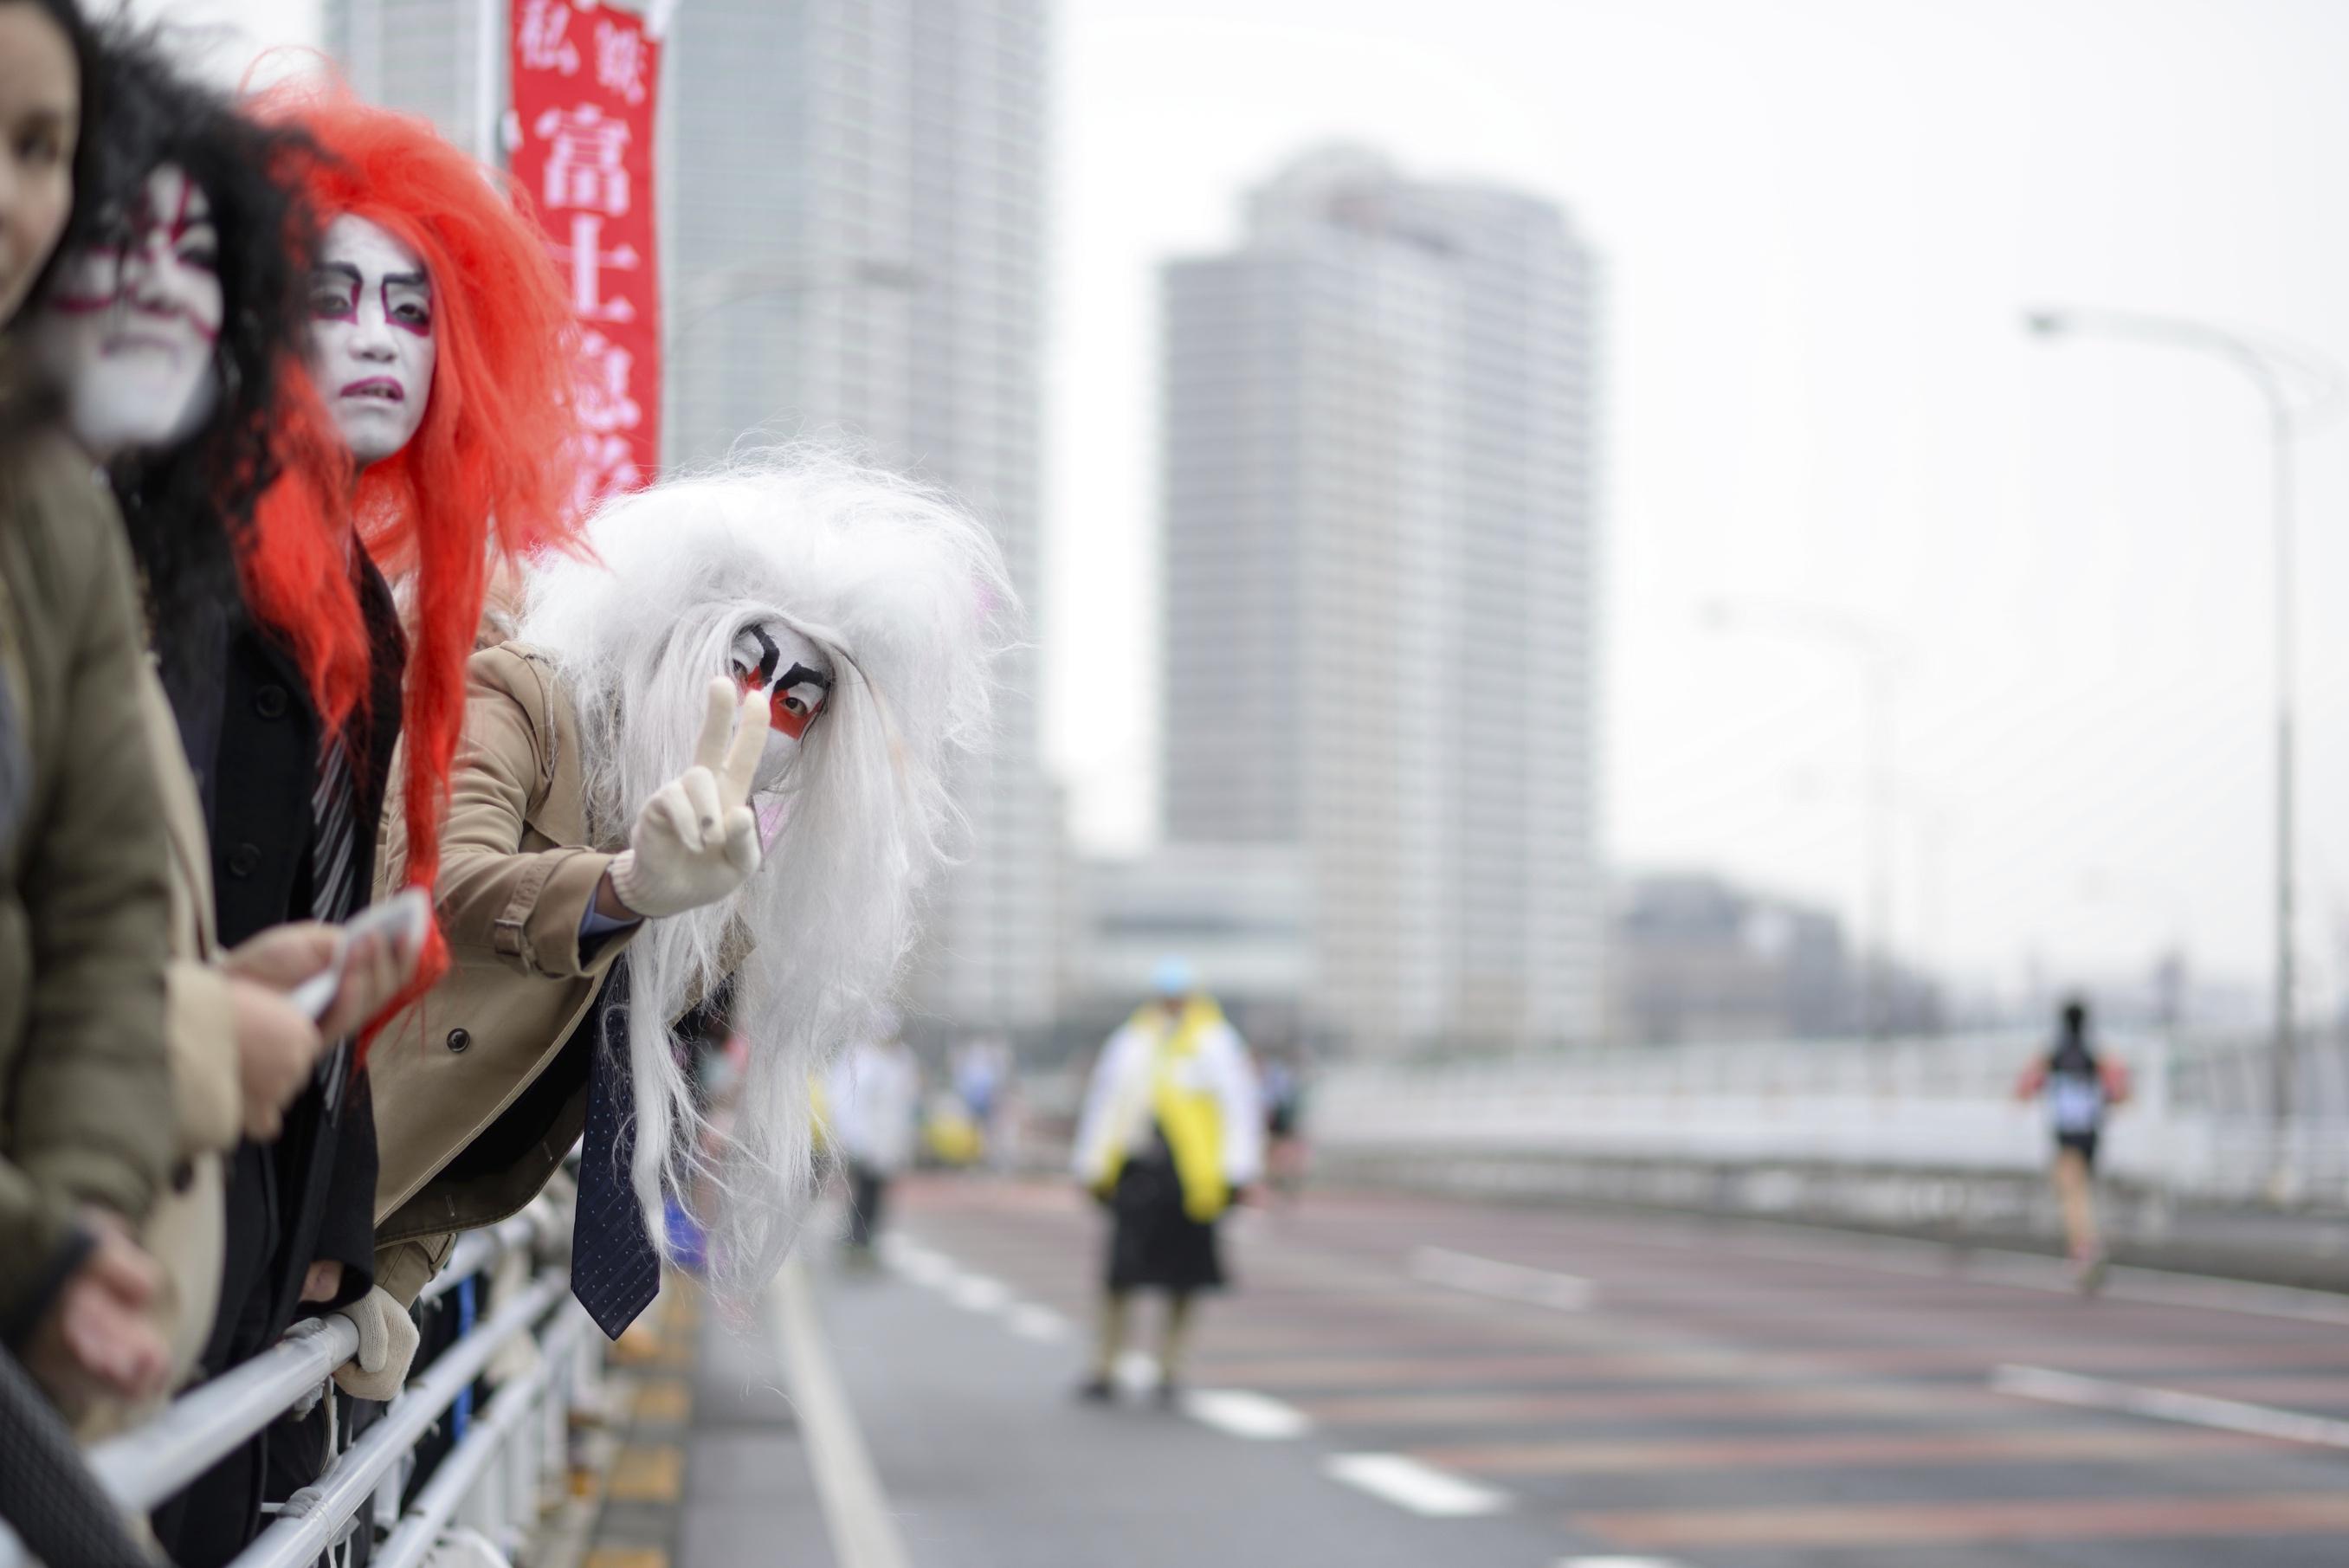 An Introduction to Kabuki